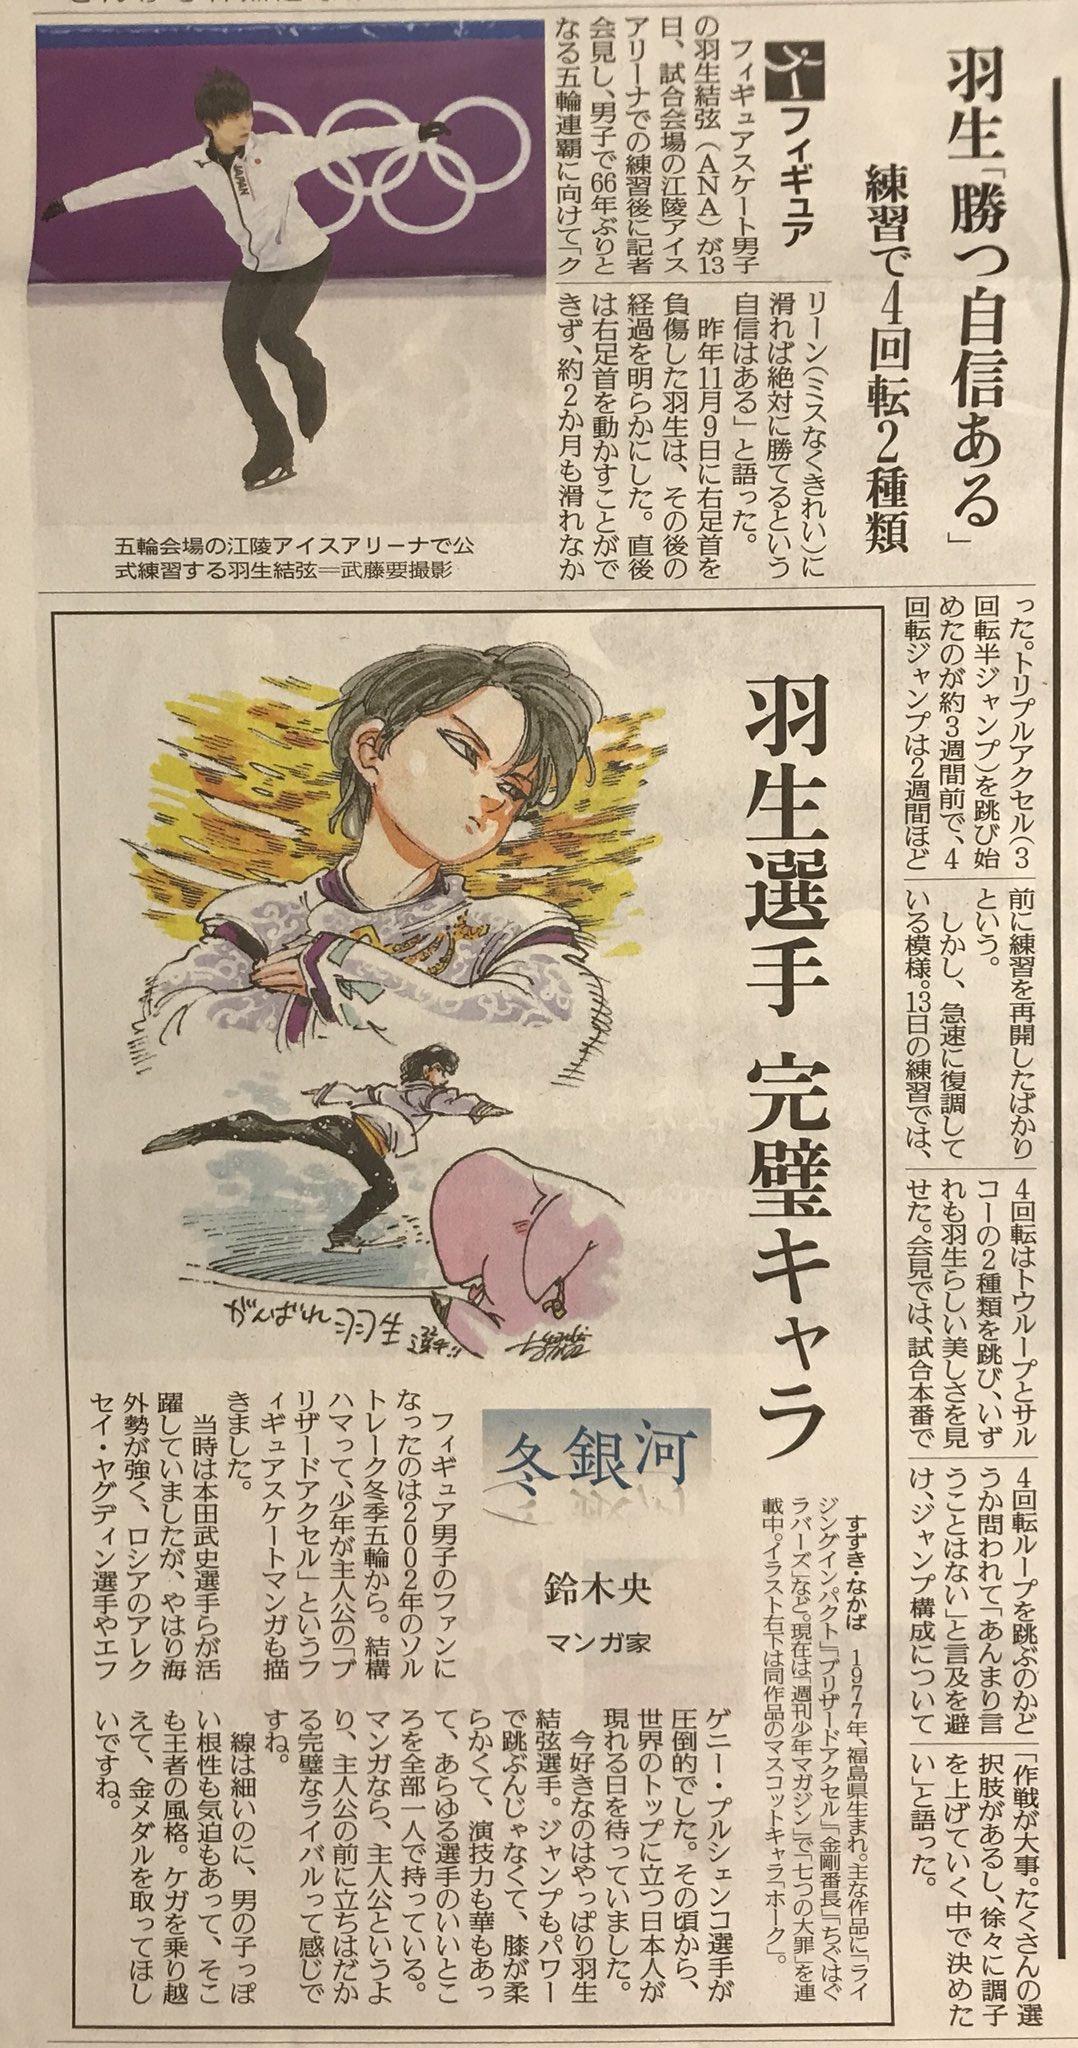 格好良すぎるw千葉の読売新聞の朝刊に鈴木央先生の羽生選手イラストと